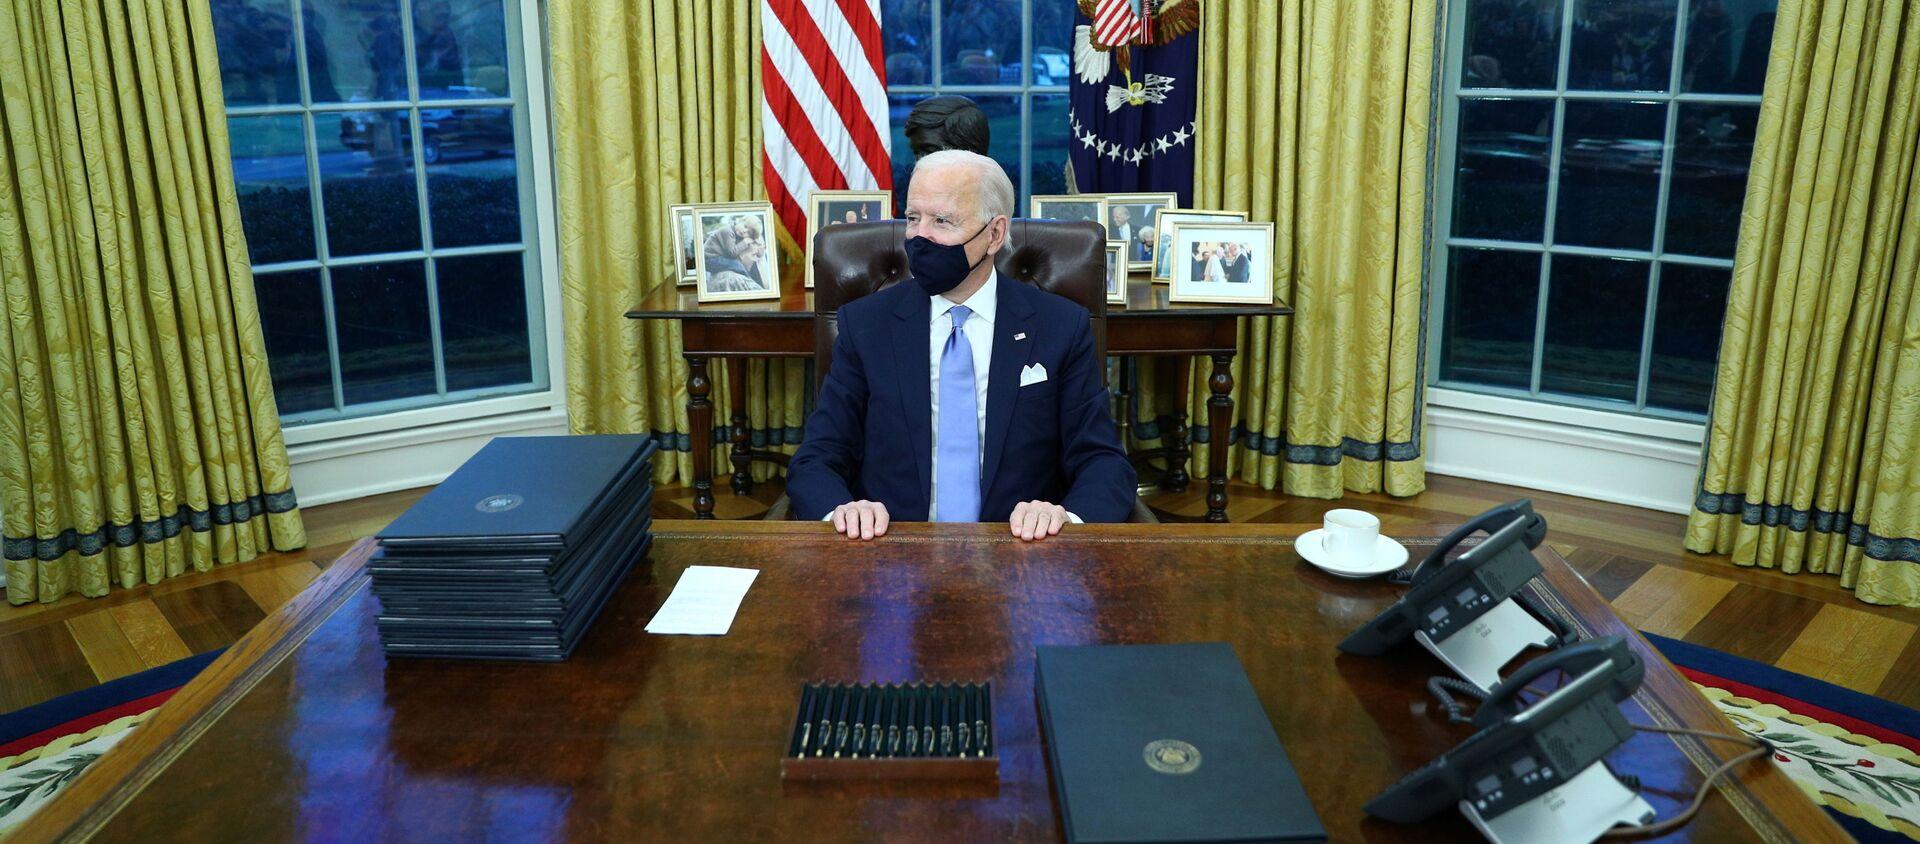 Prezydent USA Joe Biden w Gabinecie Owalnym w Białym Domu - Sputnik Polska, 1920, 21.03.2021